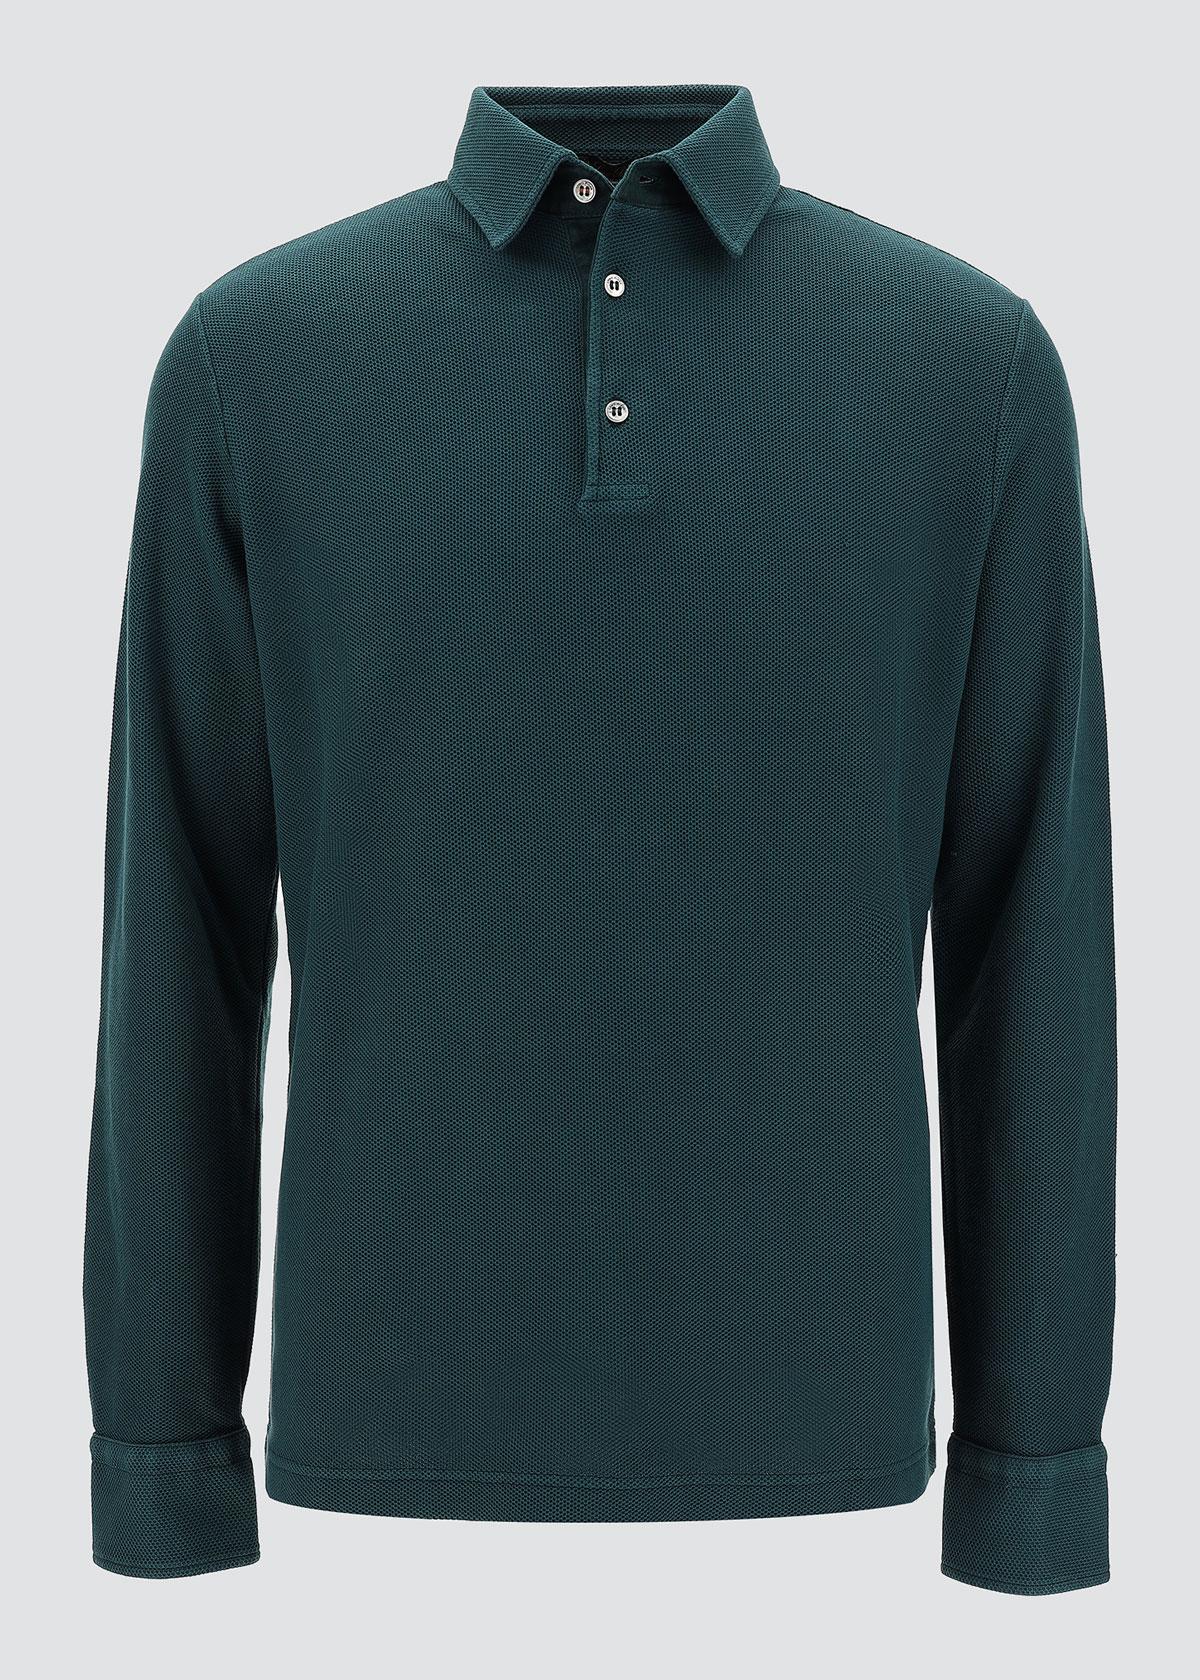 Loro Piana T-shirts MEN'S LONG-SLEEVE PIQUE POLO SHIRT